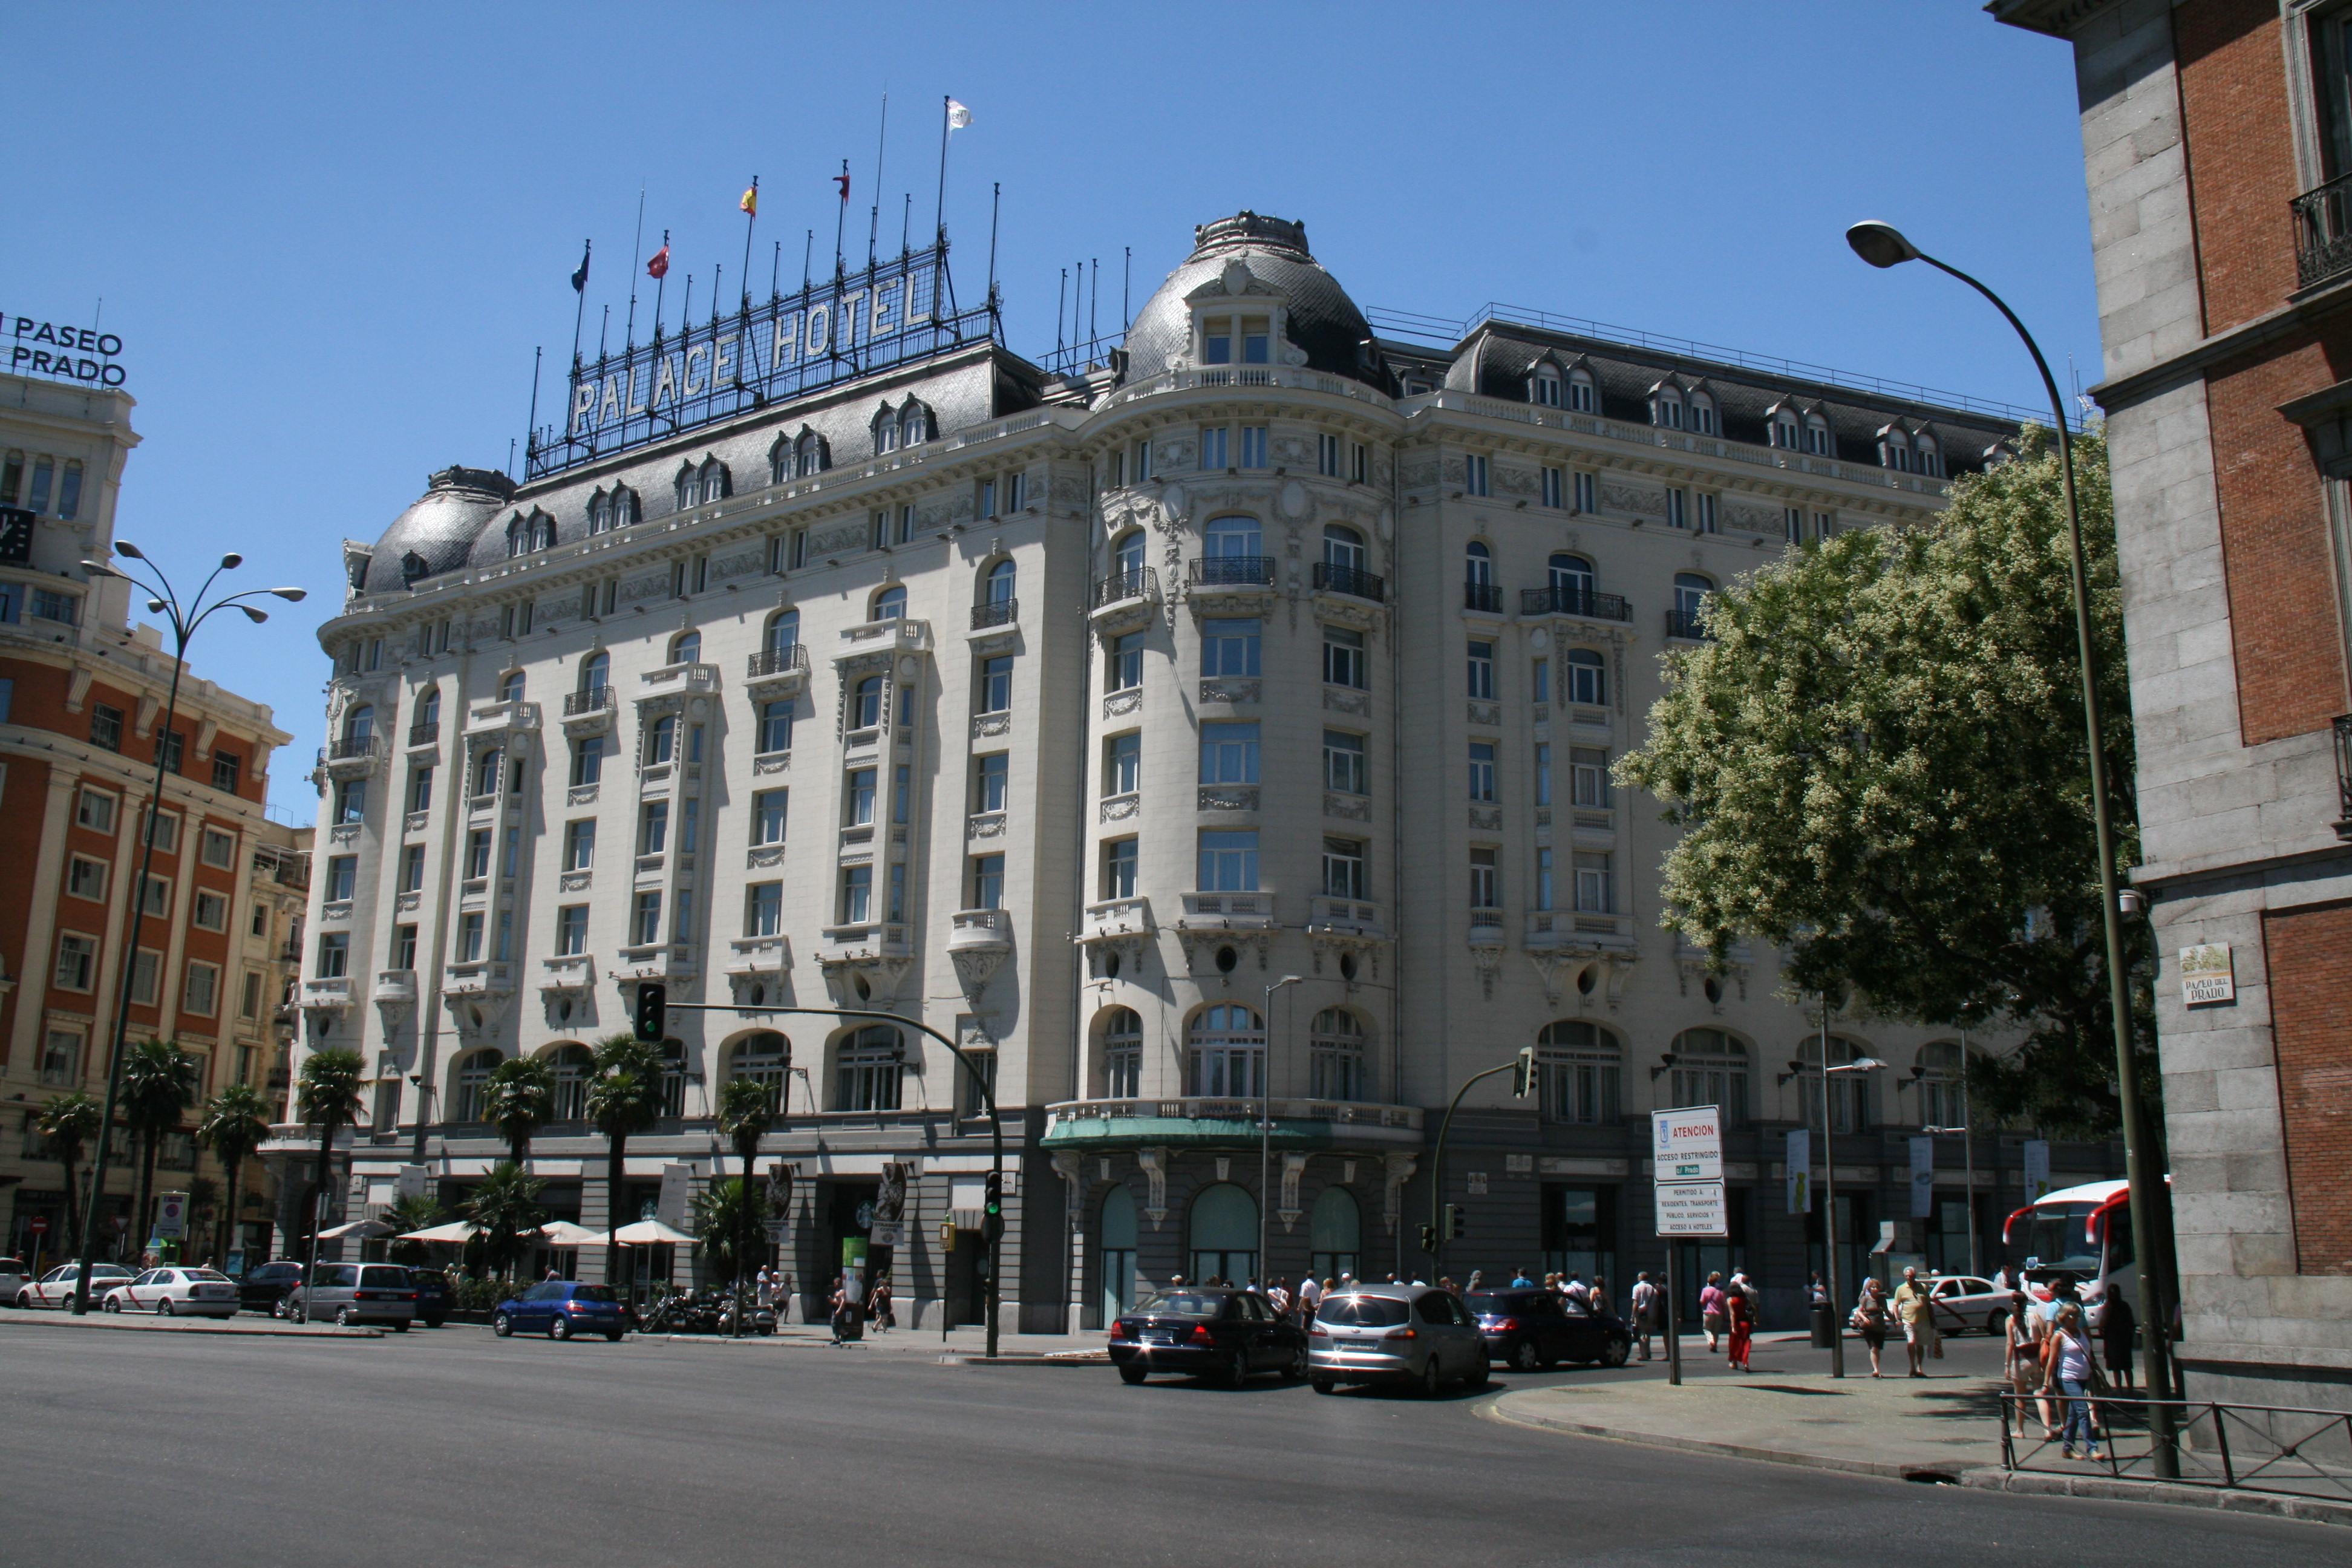 Pin recepcion del hotel guadalpin en marbella coleccion for Hotels madrid